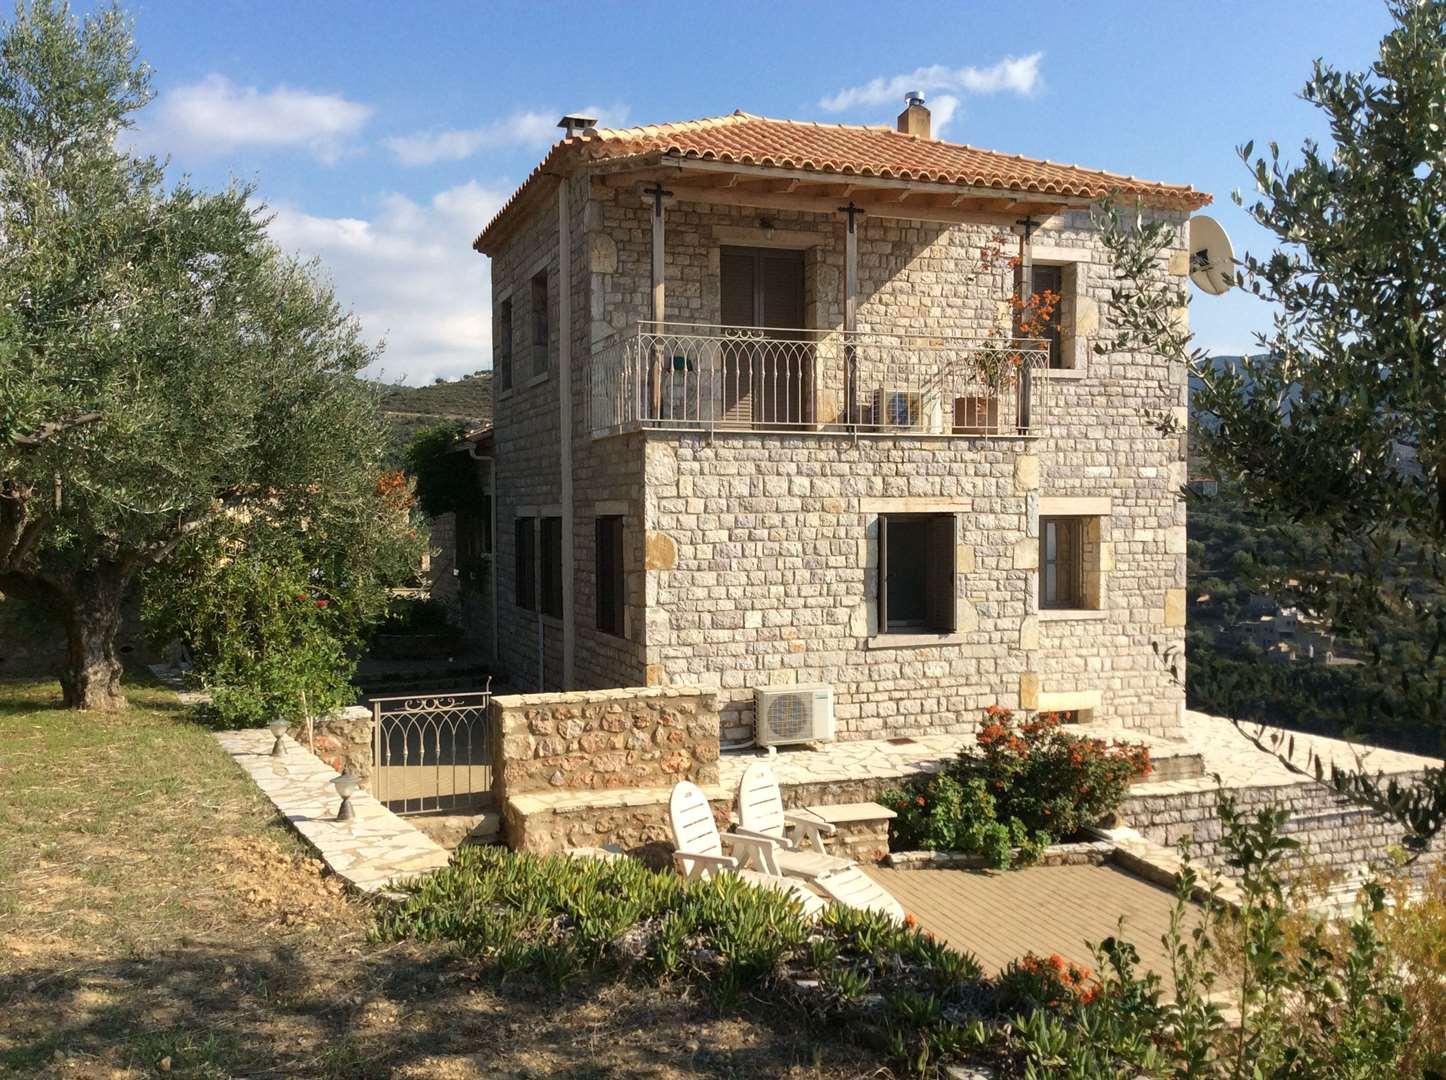 בית פרטי להשכרה 6 חדרים ב pelopponese kalamata